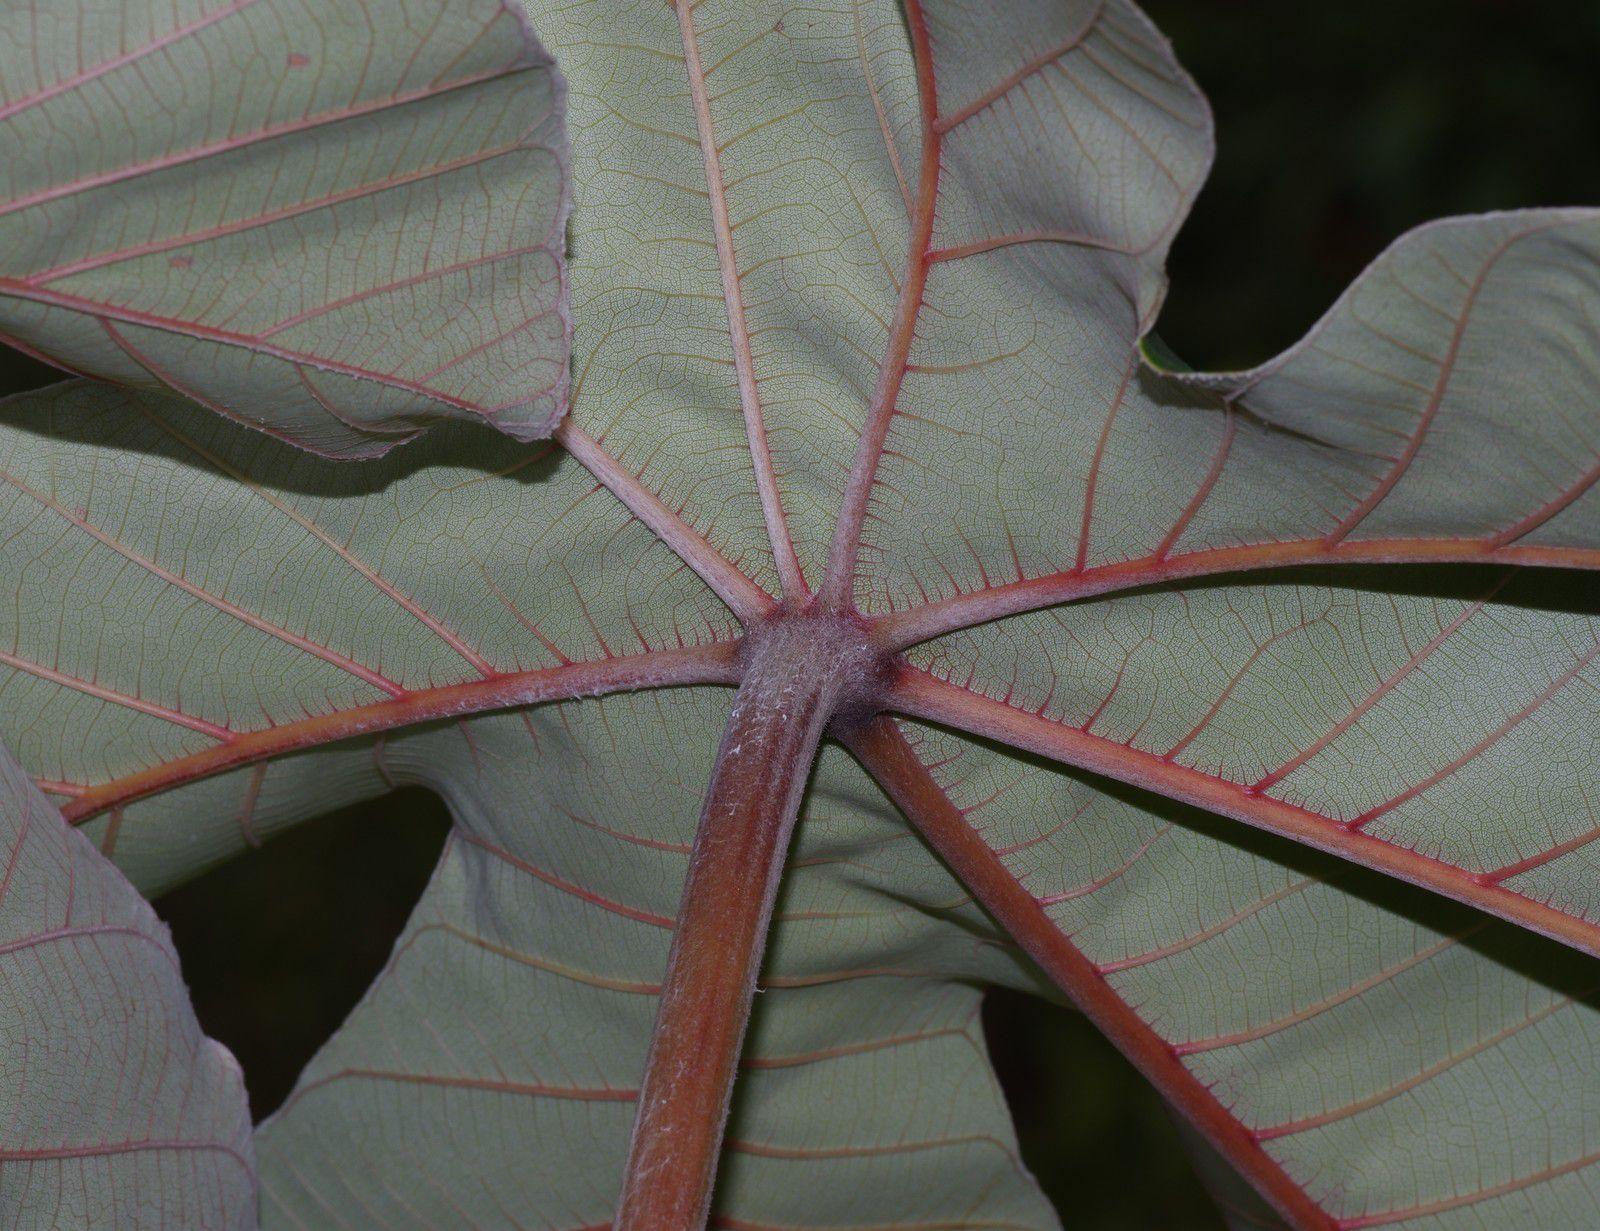 Cecropia obtusa (bois-canon)